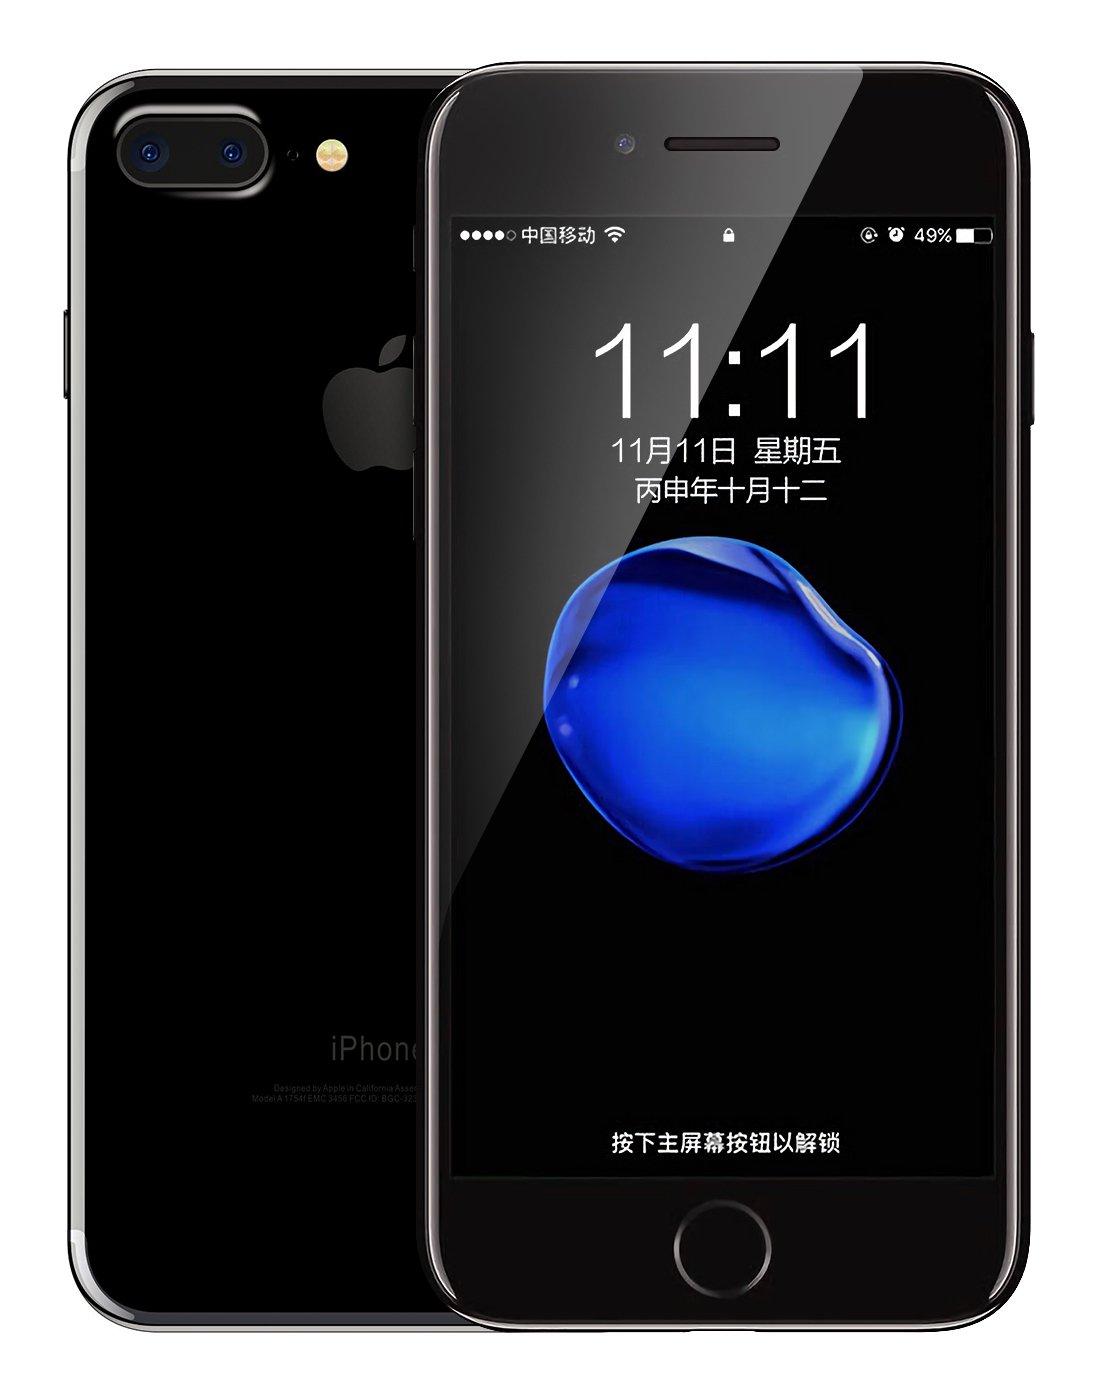 ไอโฟน7 พลัส  (เครื่องนอกแท้) ประกัน 1 ปี